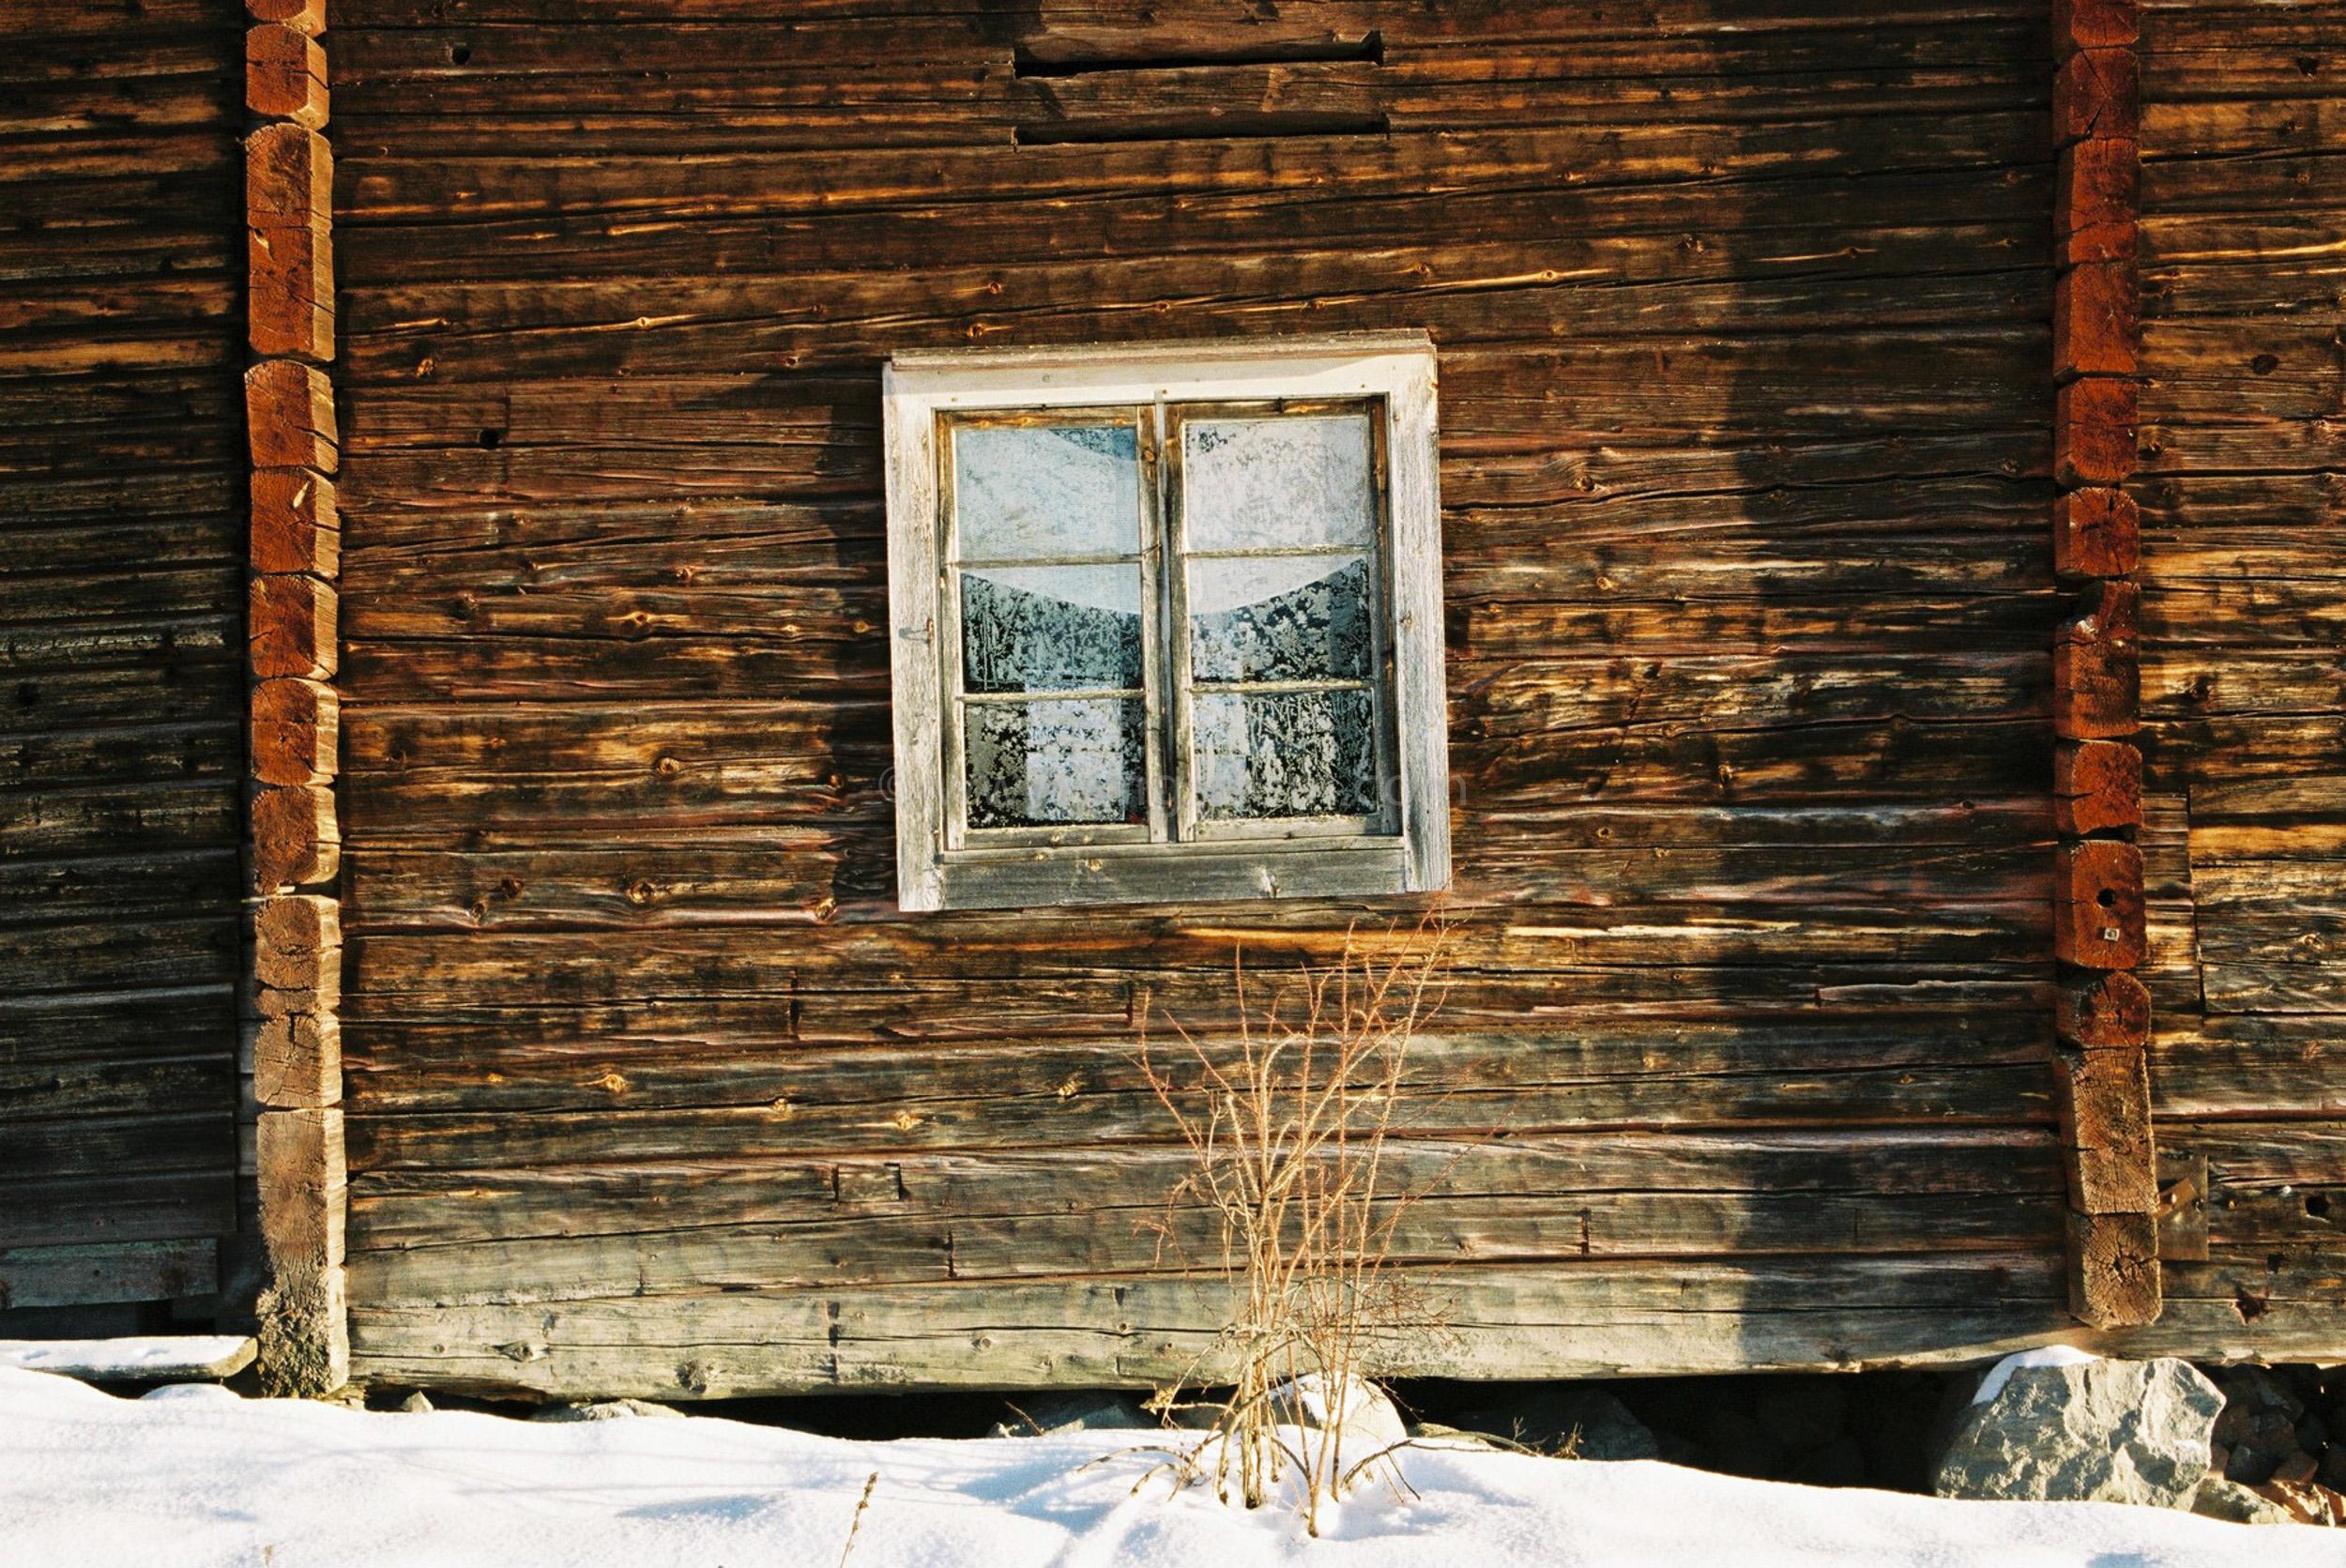 JE0400_060, Solbränt timmerhus. Ranvall vintern 2004, Jonas Engström